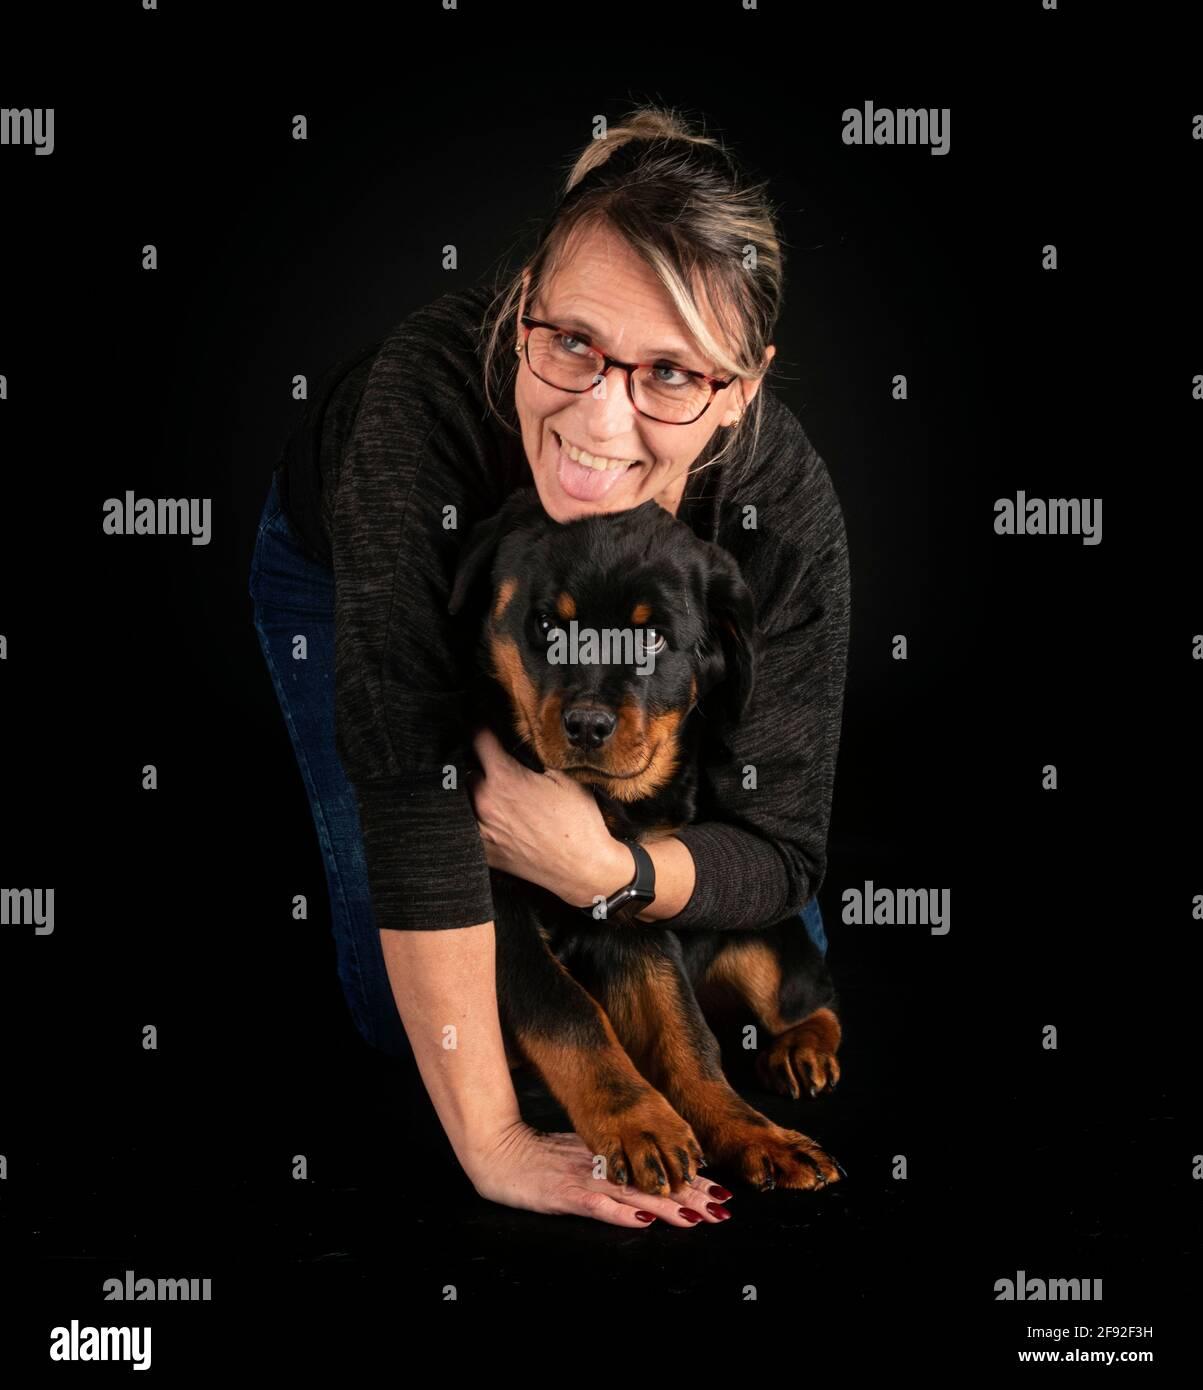 puebred rottweiler e donna di fronte a sfondo nero Foto Stock